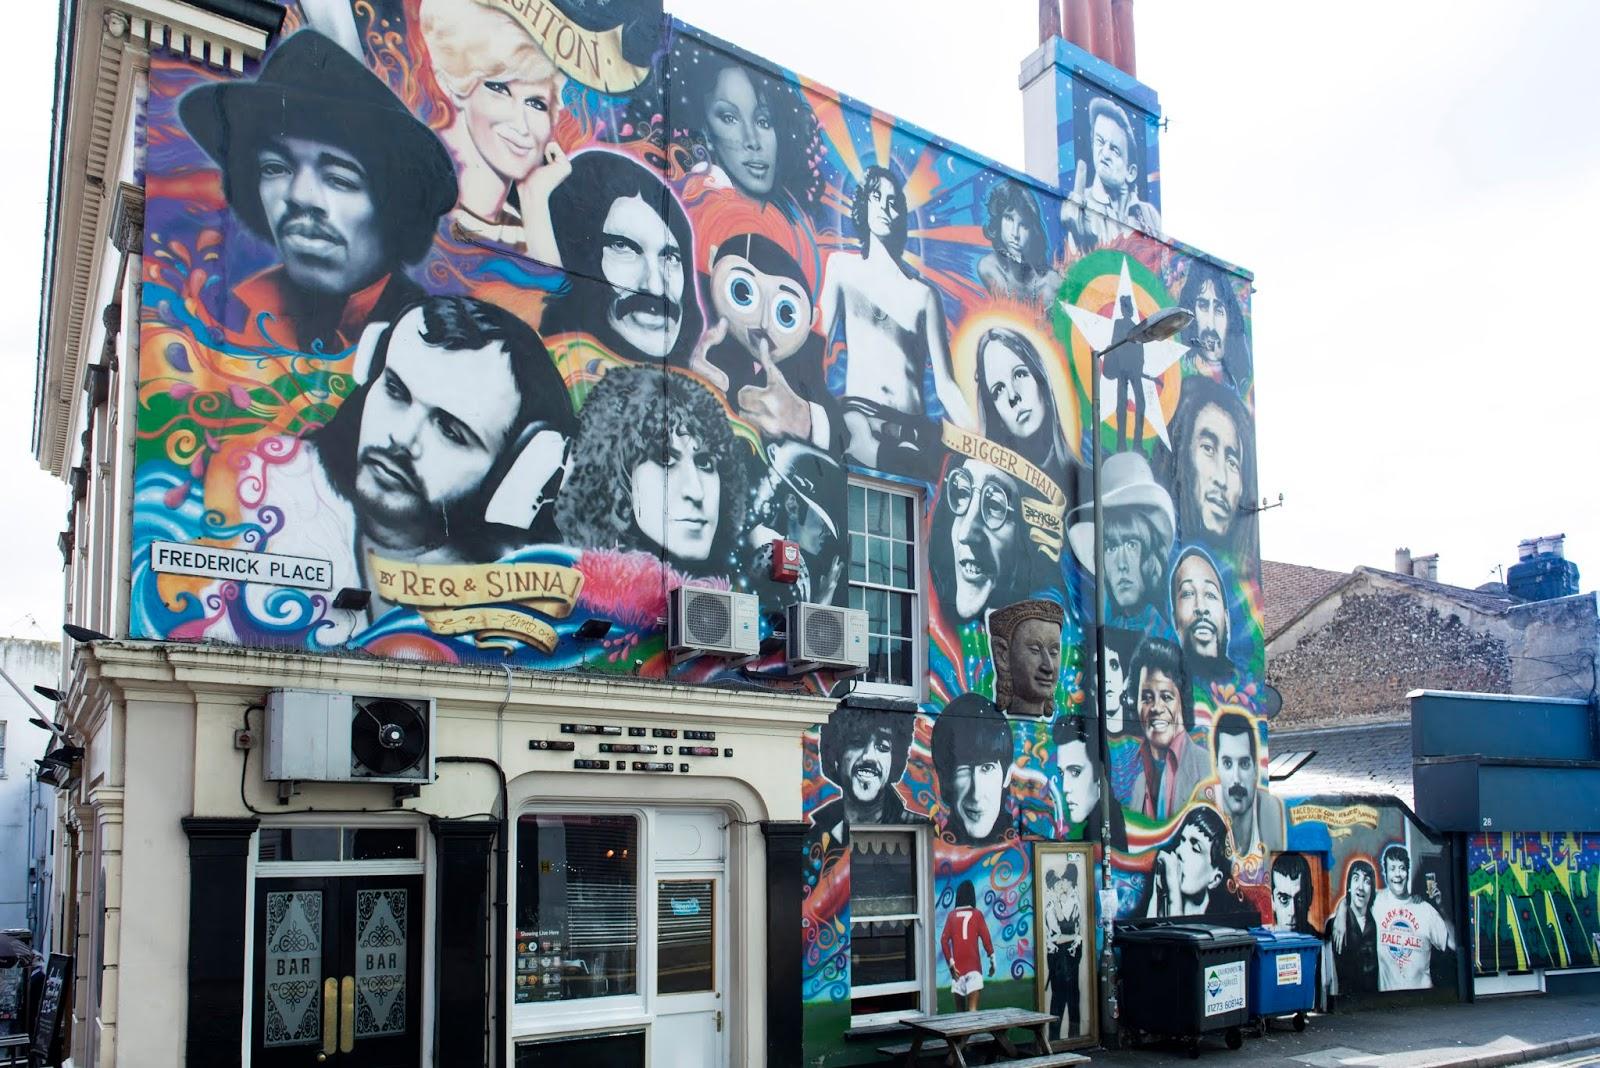 Brighton_Grafiti art_Credit VisitBrighton, Adam Bronkhorst